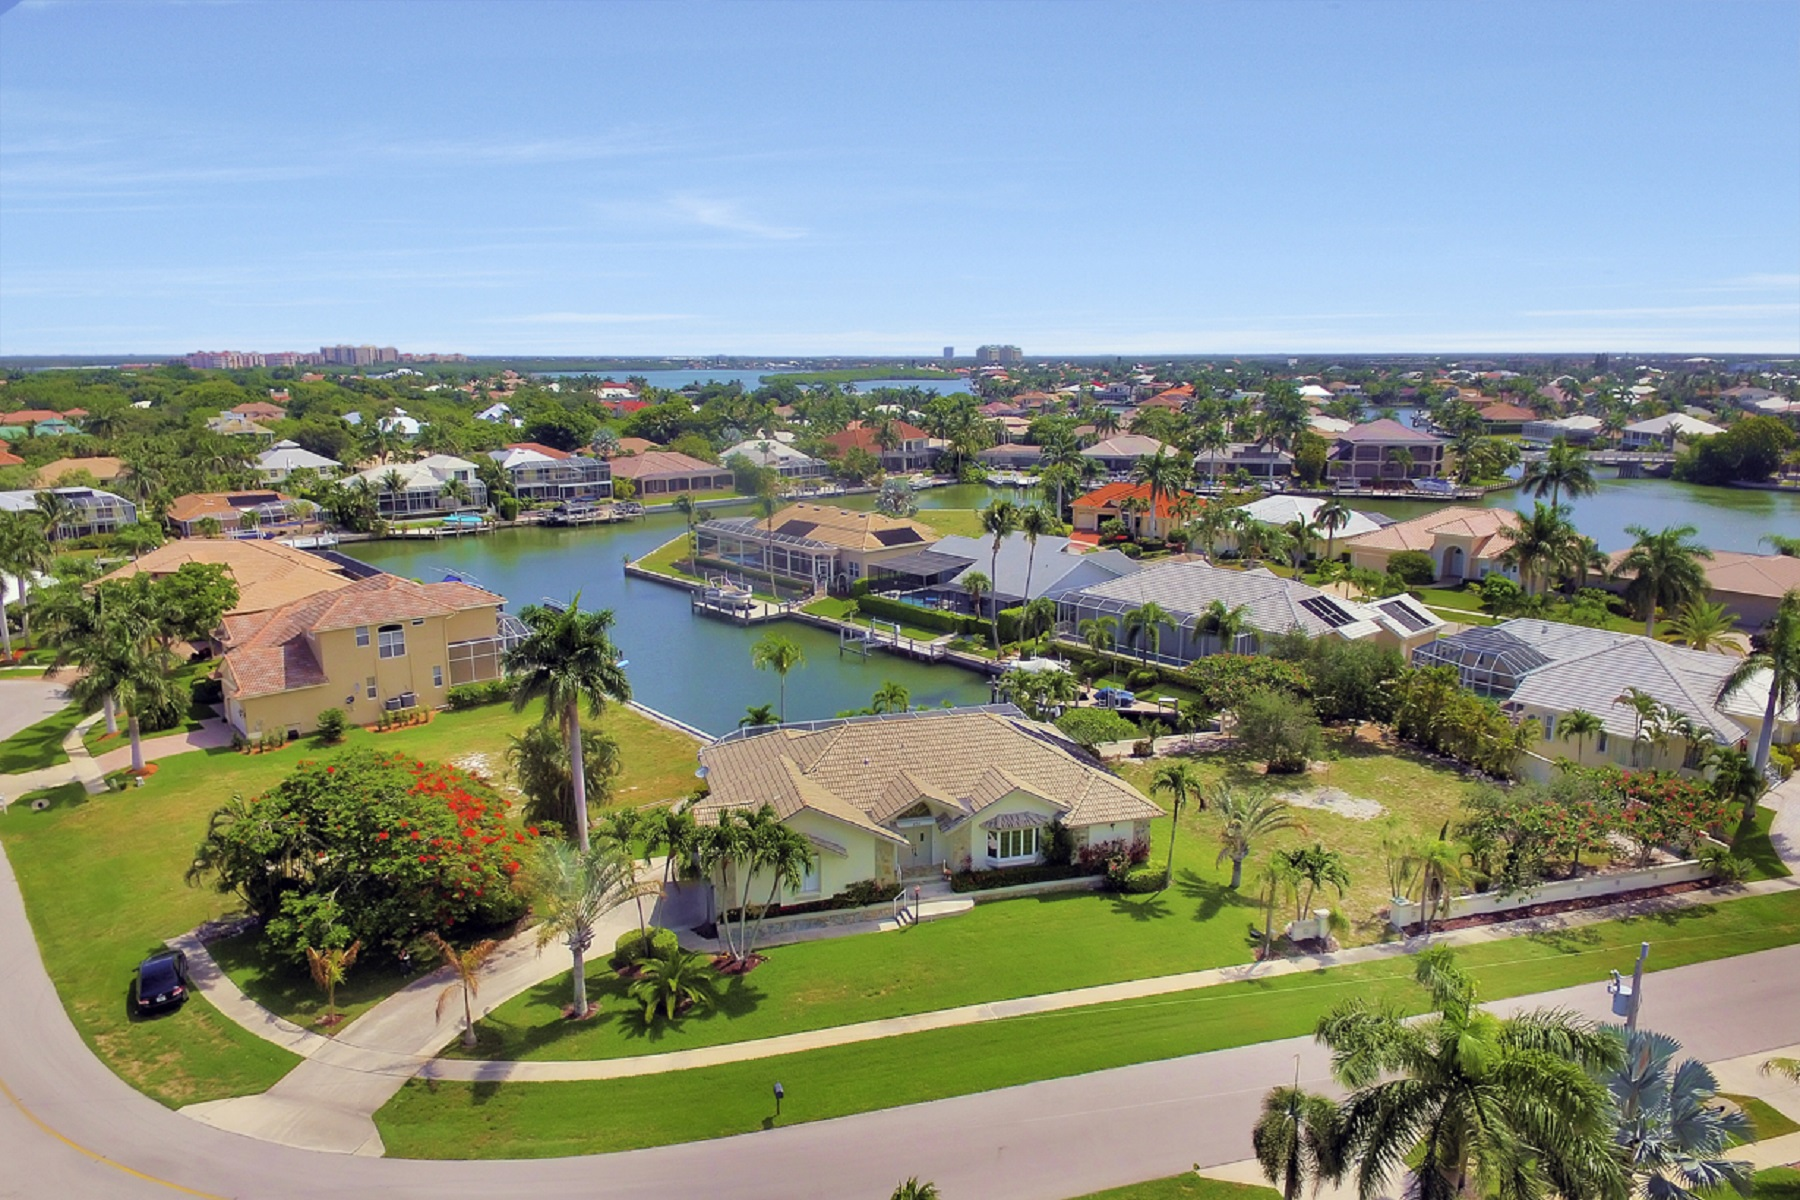 Maison unifamiliale pour l Vente à MARCO ISLAND - COTTAGE COURT 370 Cottage Ct Marco Island, Florida, 34145 États-Unis